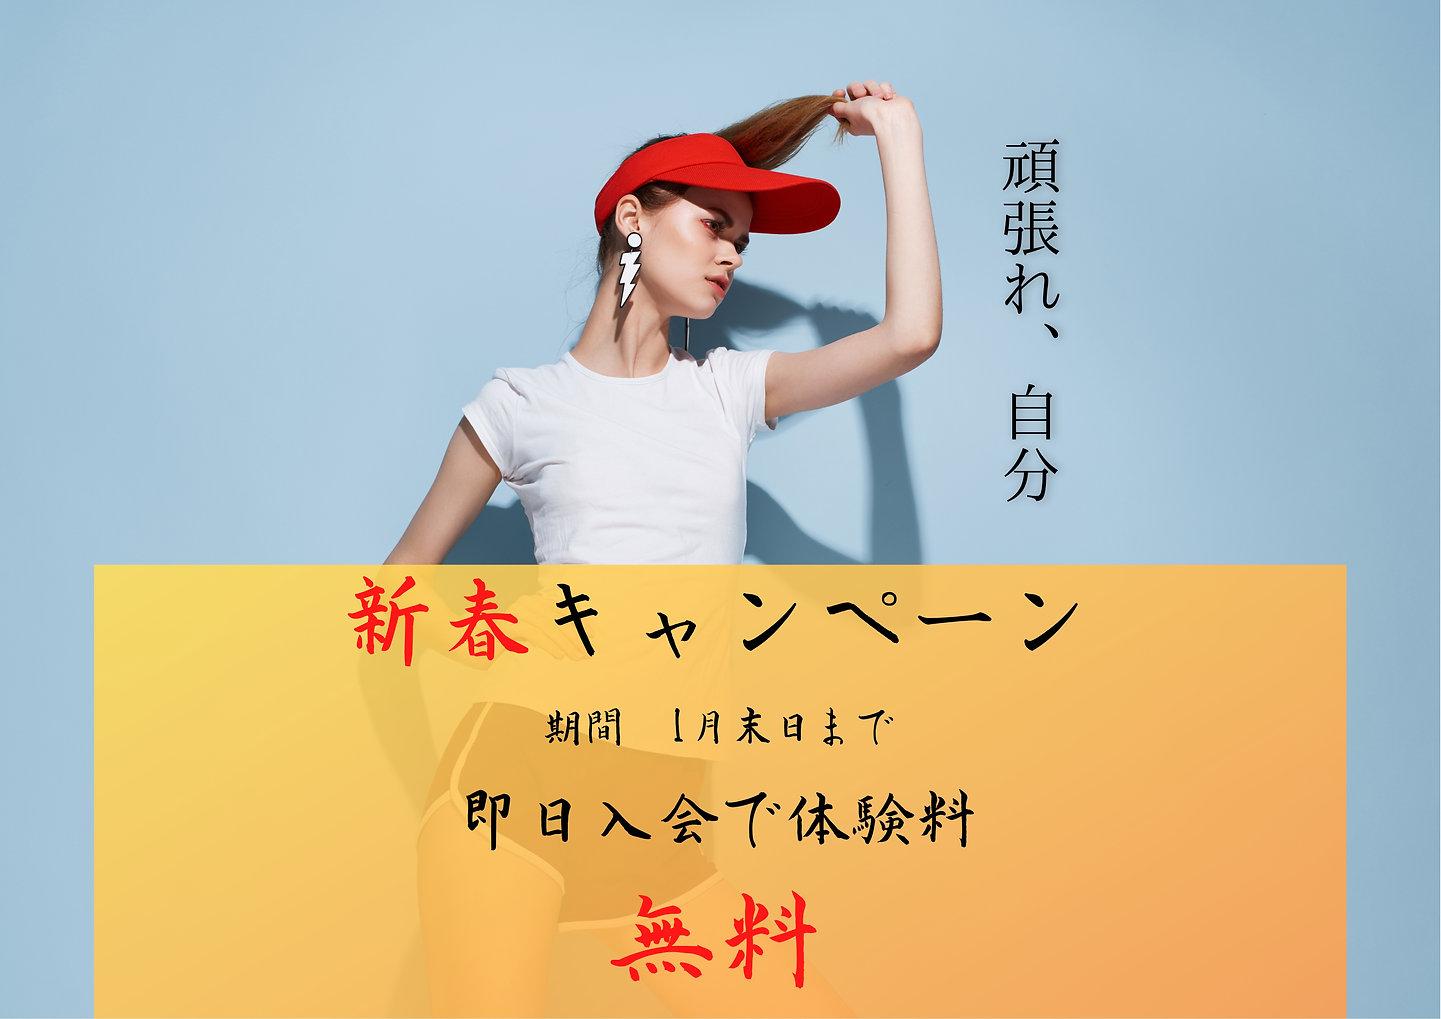 ニューイヤーキャンペーン.jpg